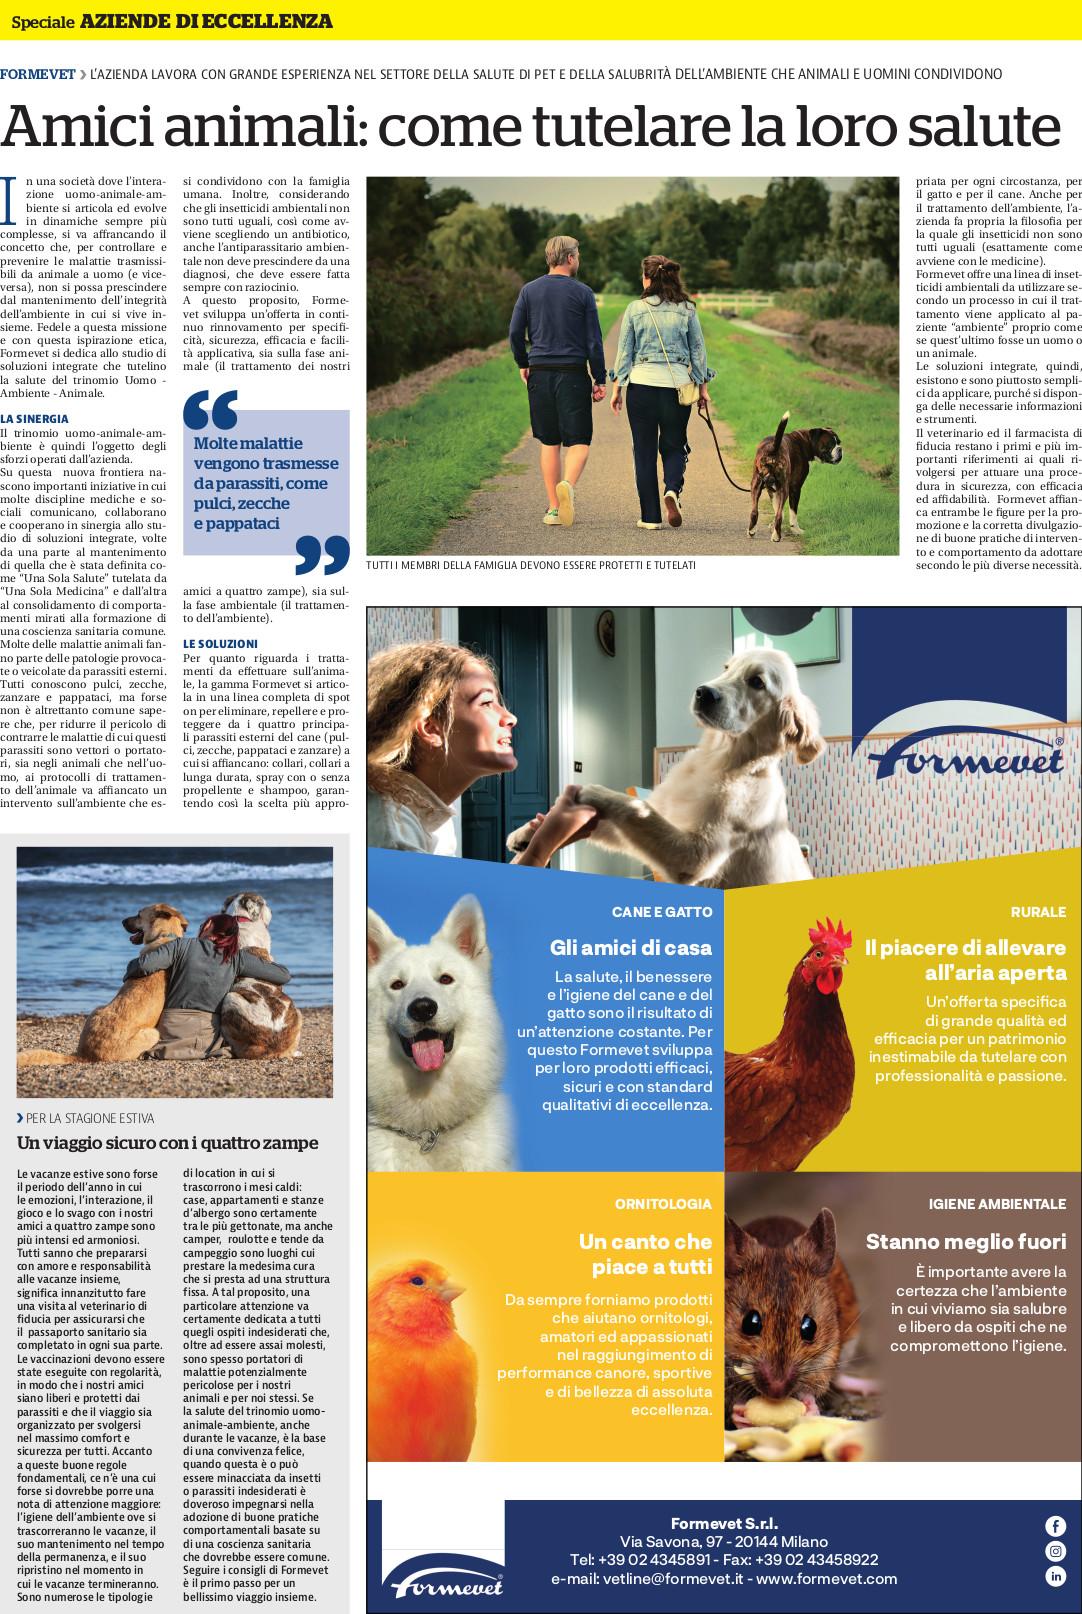 Amici Animali Come Tutelare La Loro Salute Che E Anche La Nostra Formevet